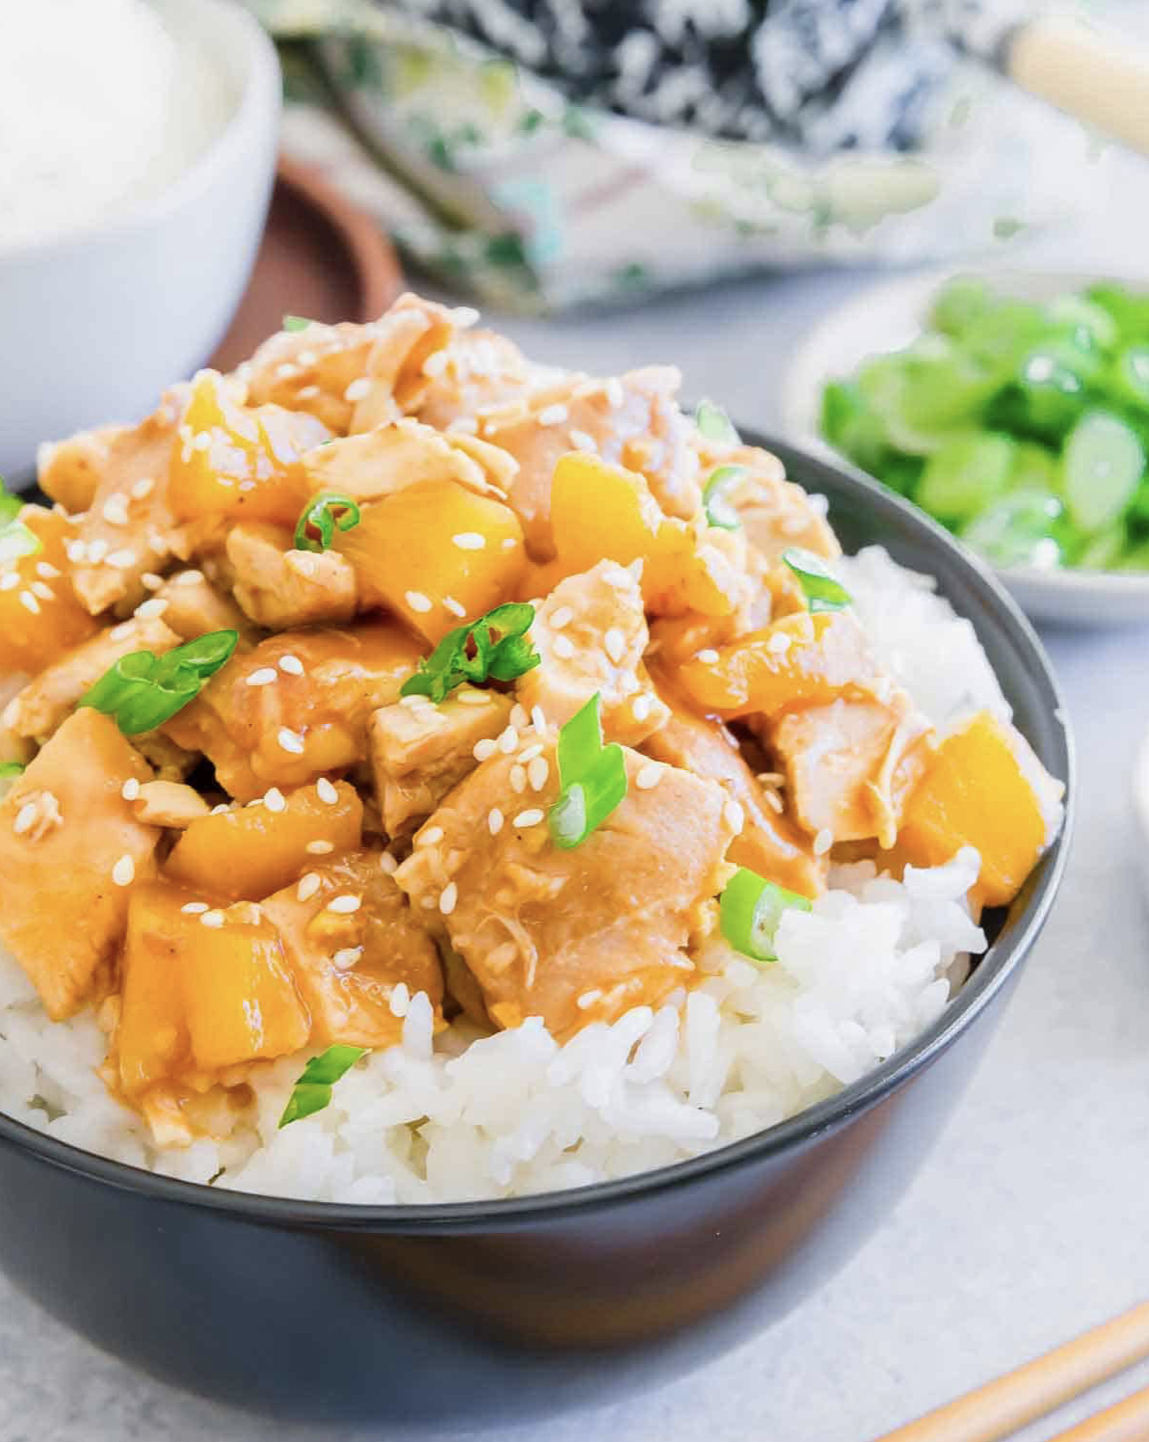 65 Easy Instant Pot + Crockpot Dinner Recipes | Slow Cooker Honey Garlic Chicken